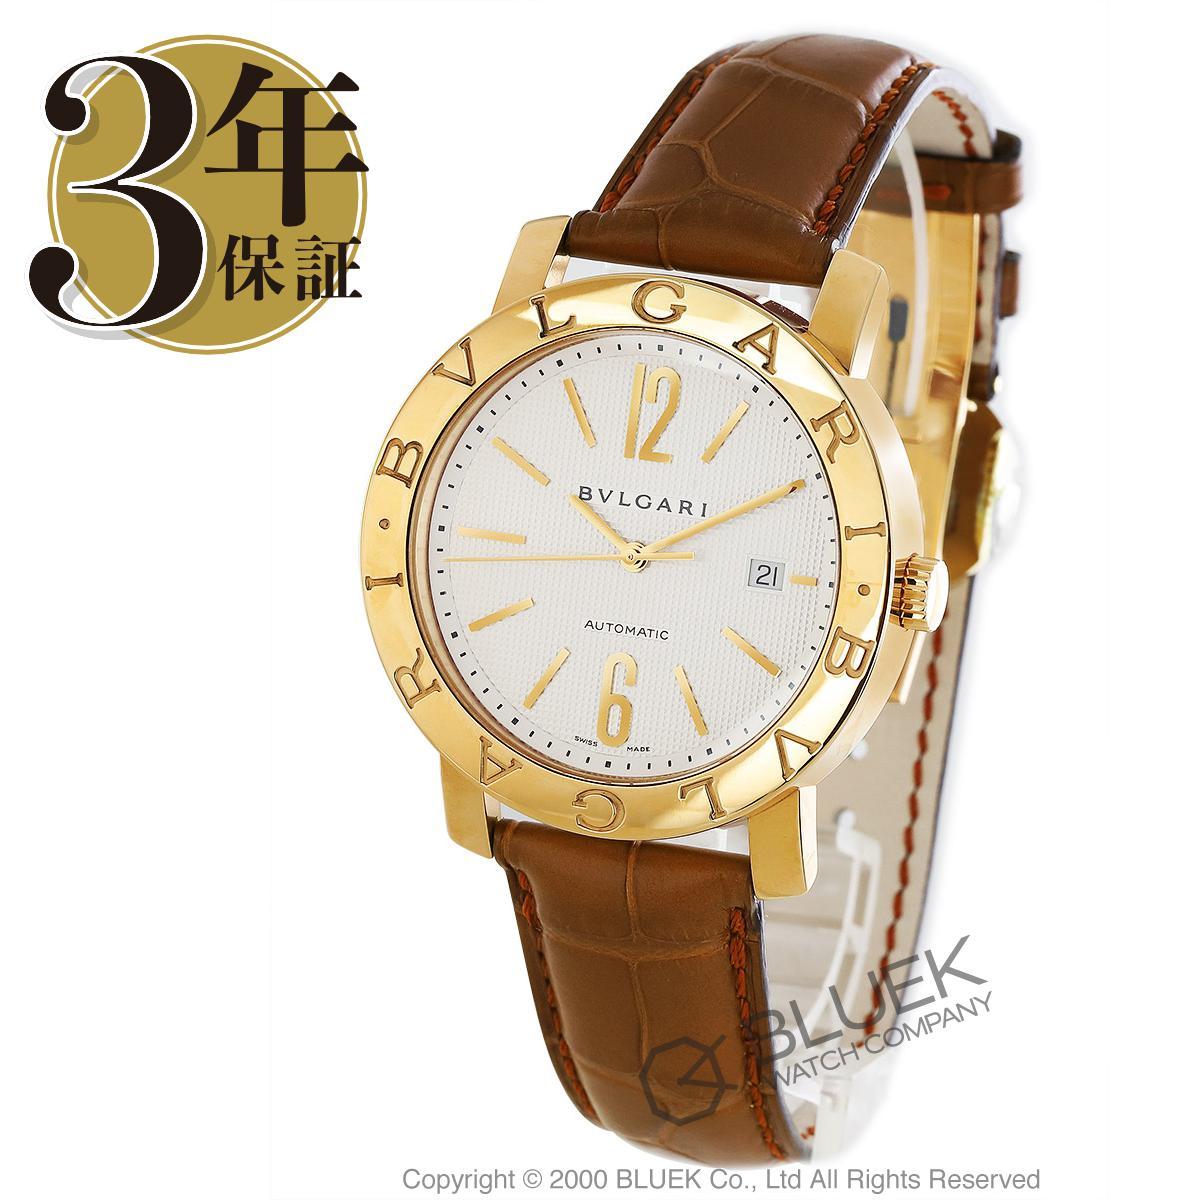 ブルガリ ブルガリブルガリ YG金無垢 アリゲーターレザー 腕時計 メンズ BVLGARI BB42WGLD AUTO_3